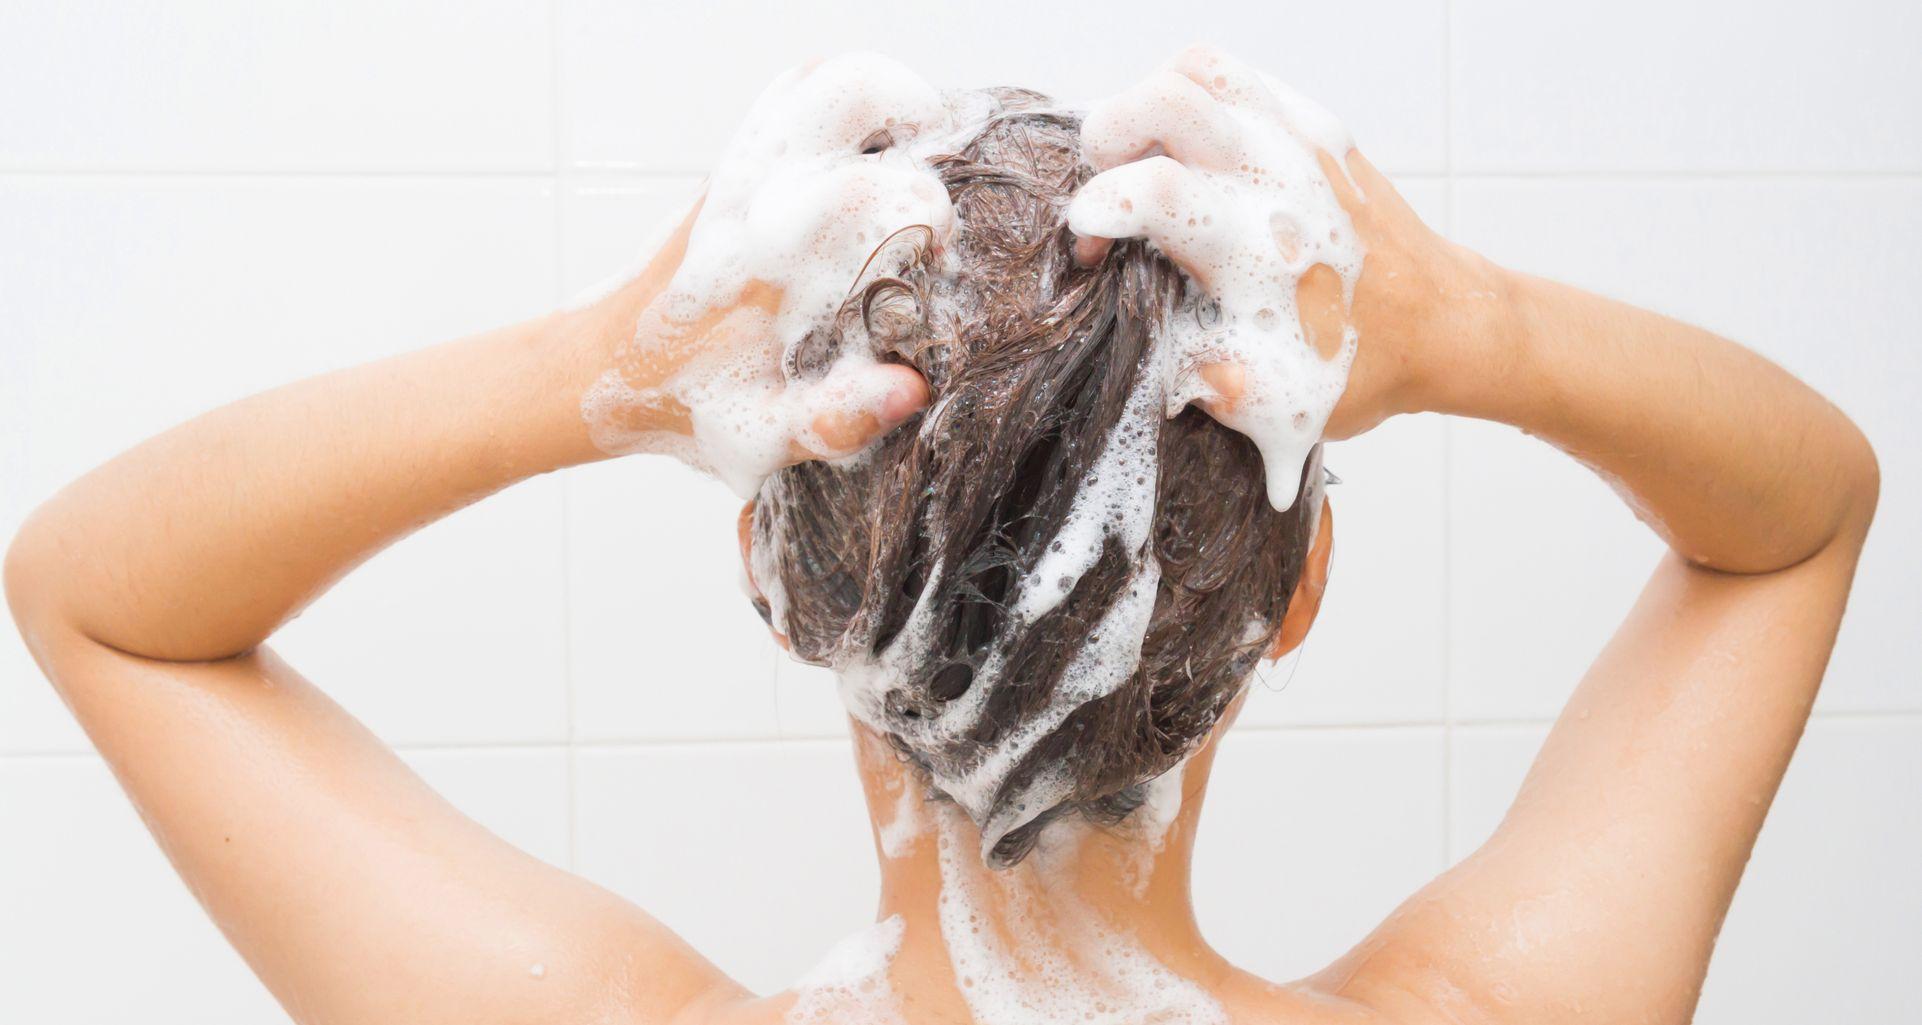 Massez doucement le shampoing sans alcool sur votre cuir chevelu pour éliminer les accumulations et nettoyer les racines.